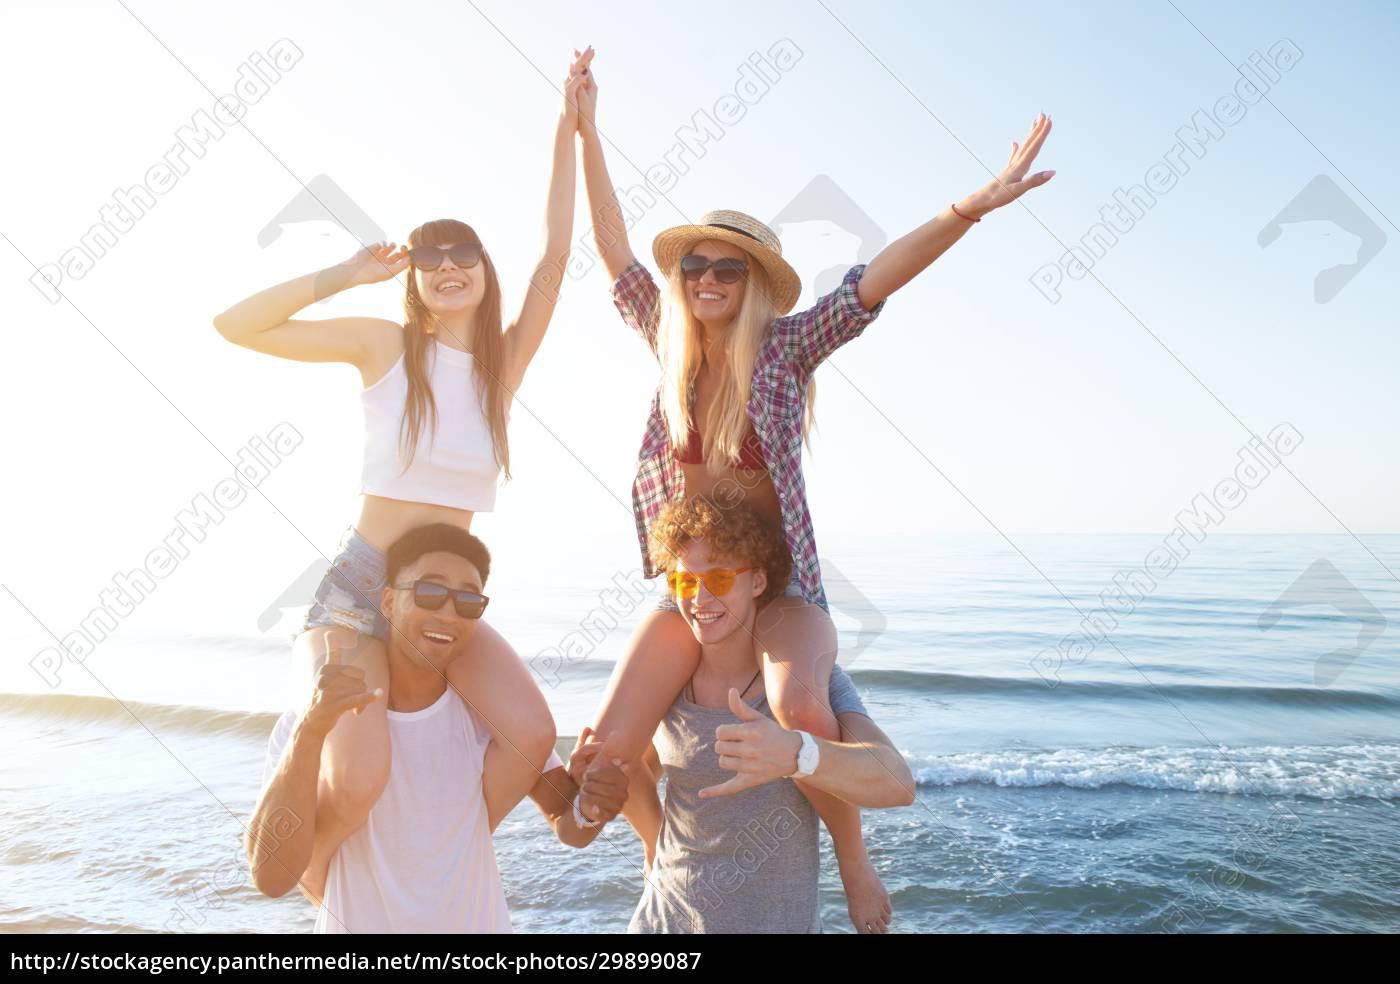 glücklich, lächelnde, paare, spielen, am, strand - 29899087